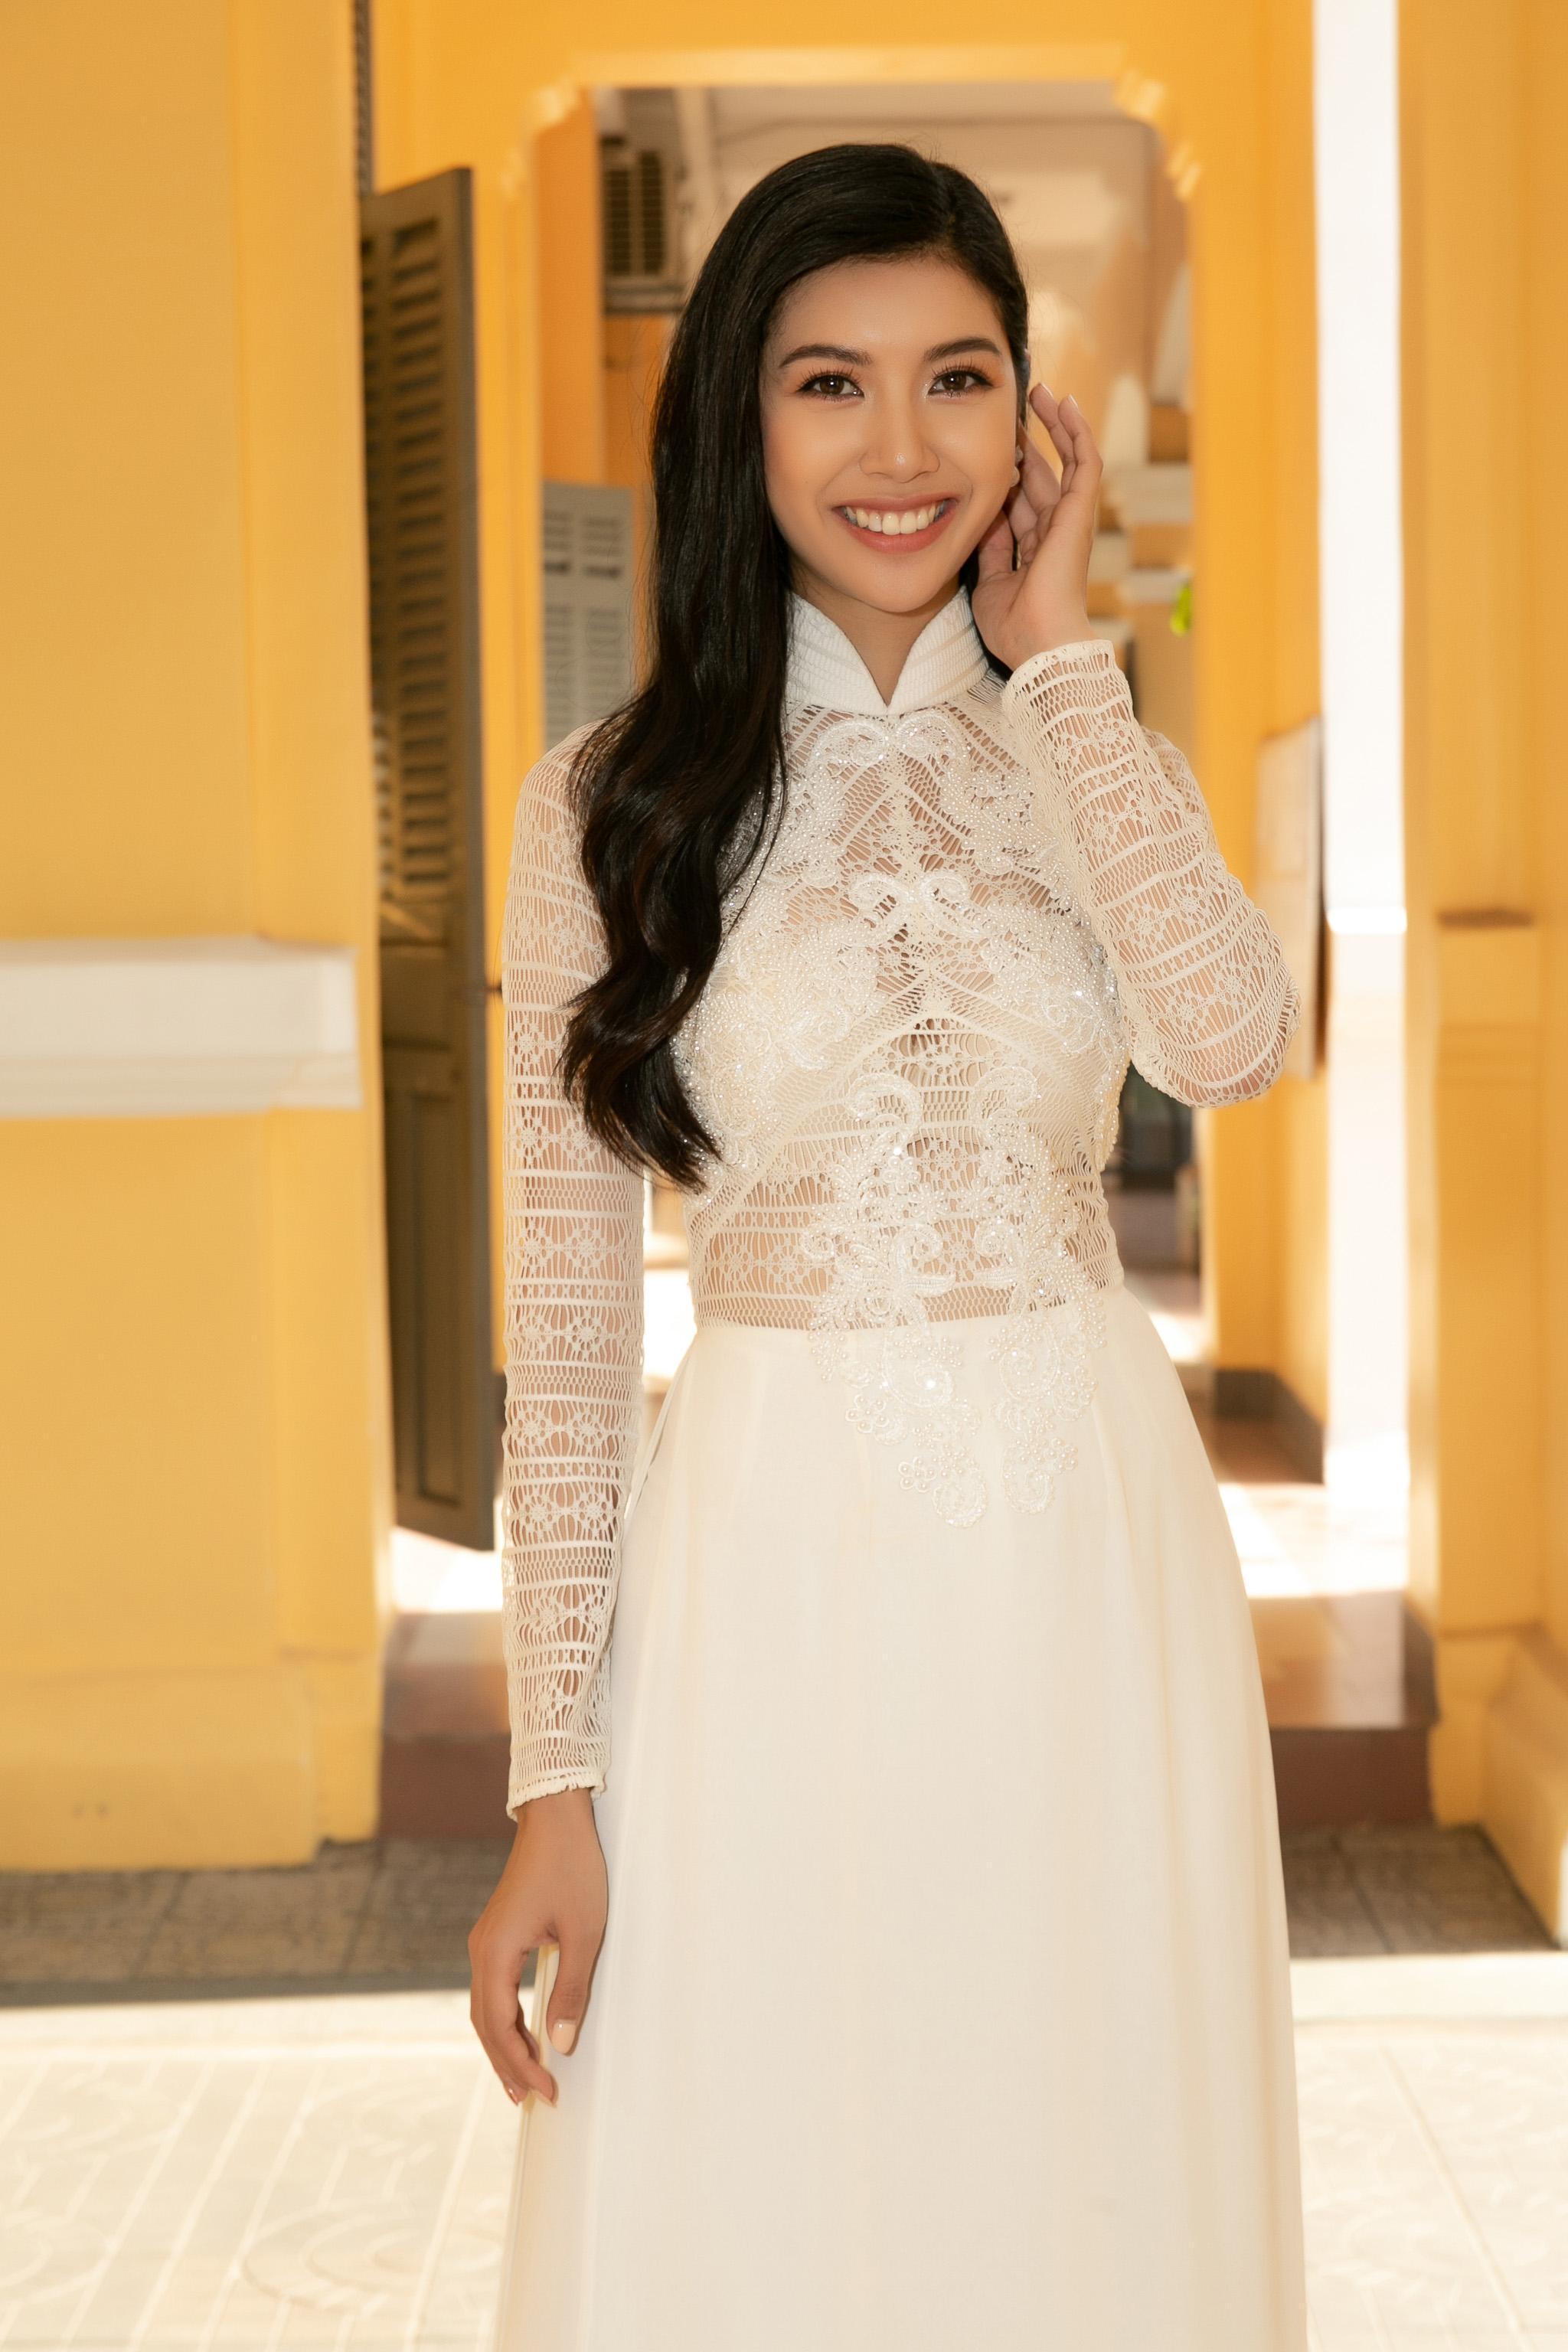 Ngoài ra, Á hậu Thúy Vân còn dành học bổng trị giá 20 triệu đồng cho những em học sinh có thành tích học tập tốt trong học kỳ vừa qua.